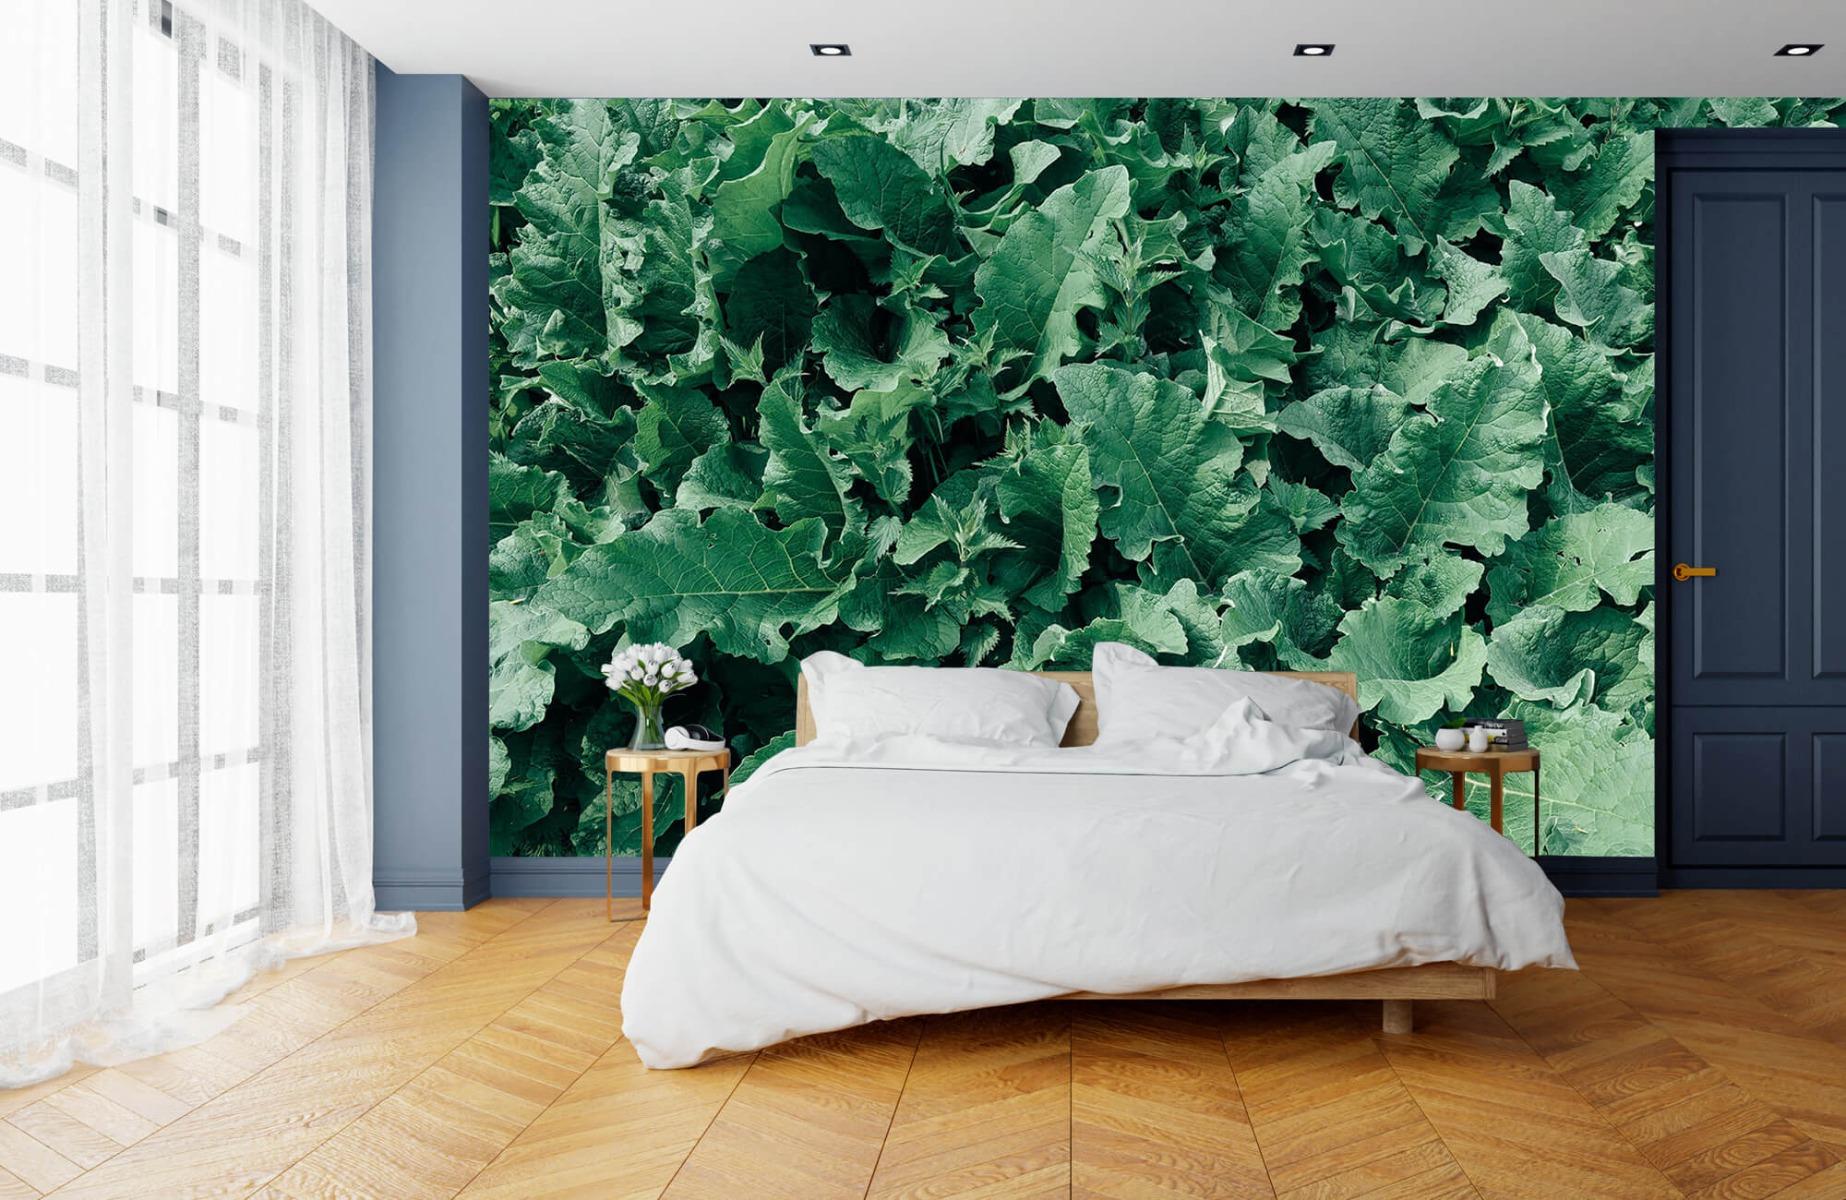 Bladeren - Gedetailleerd groen bladerdek - Wallexclusive - Slaapkamer 15